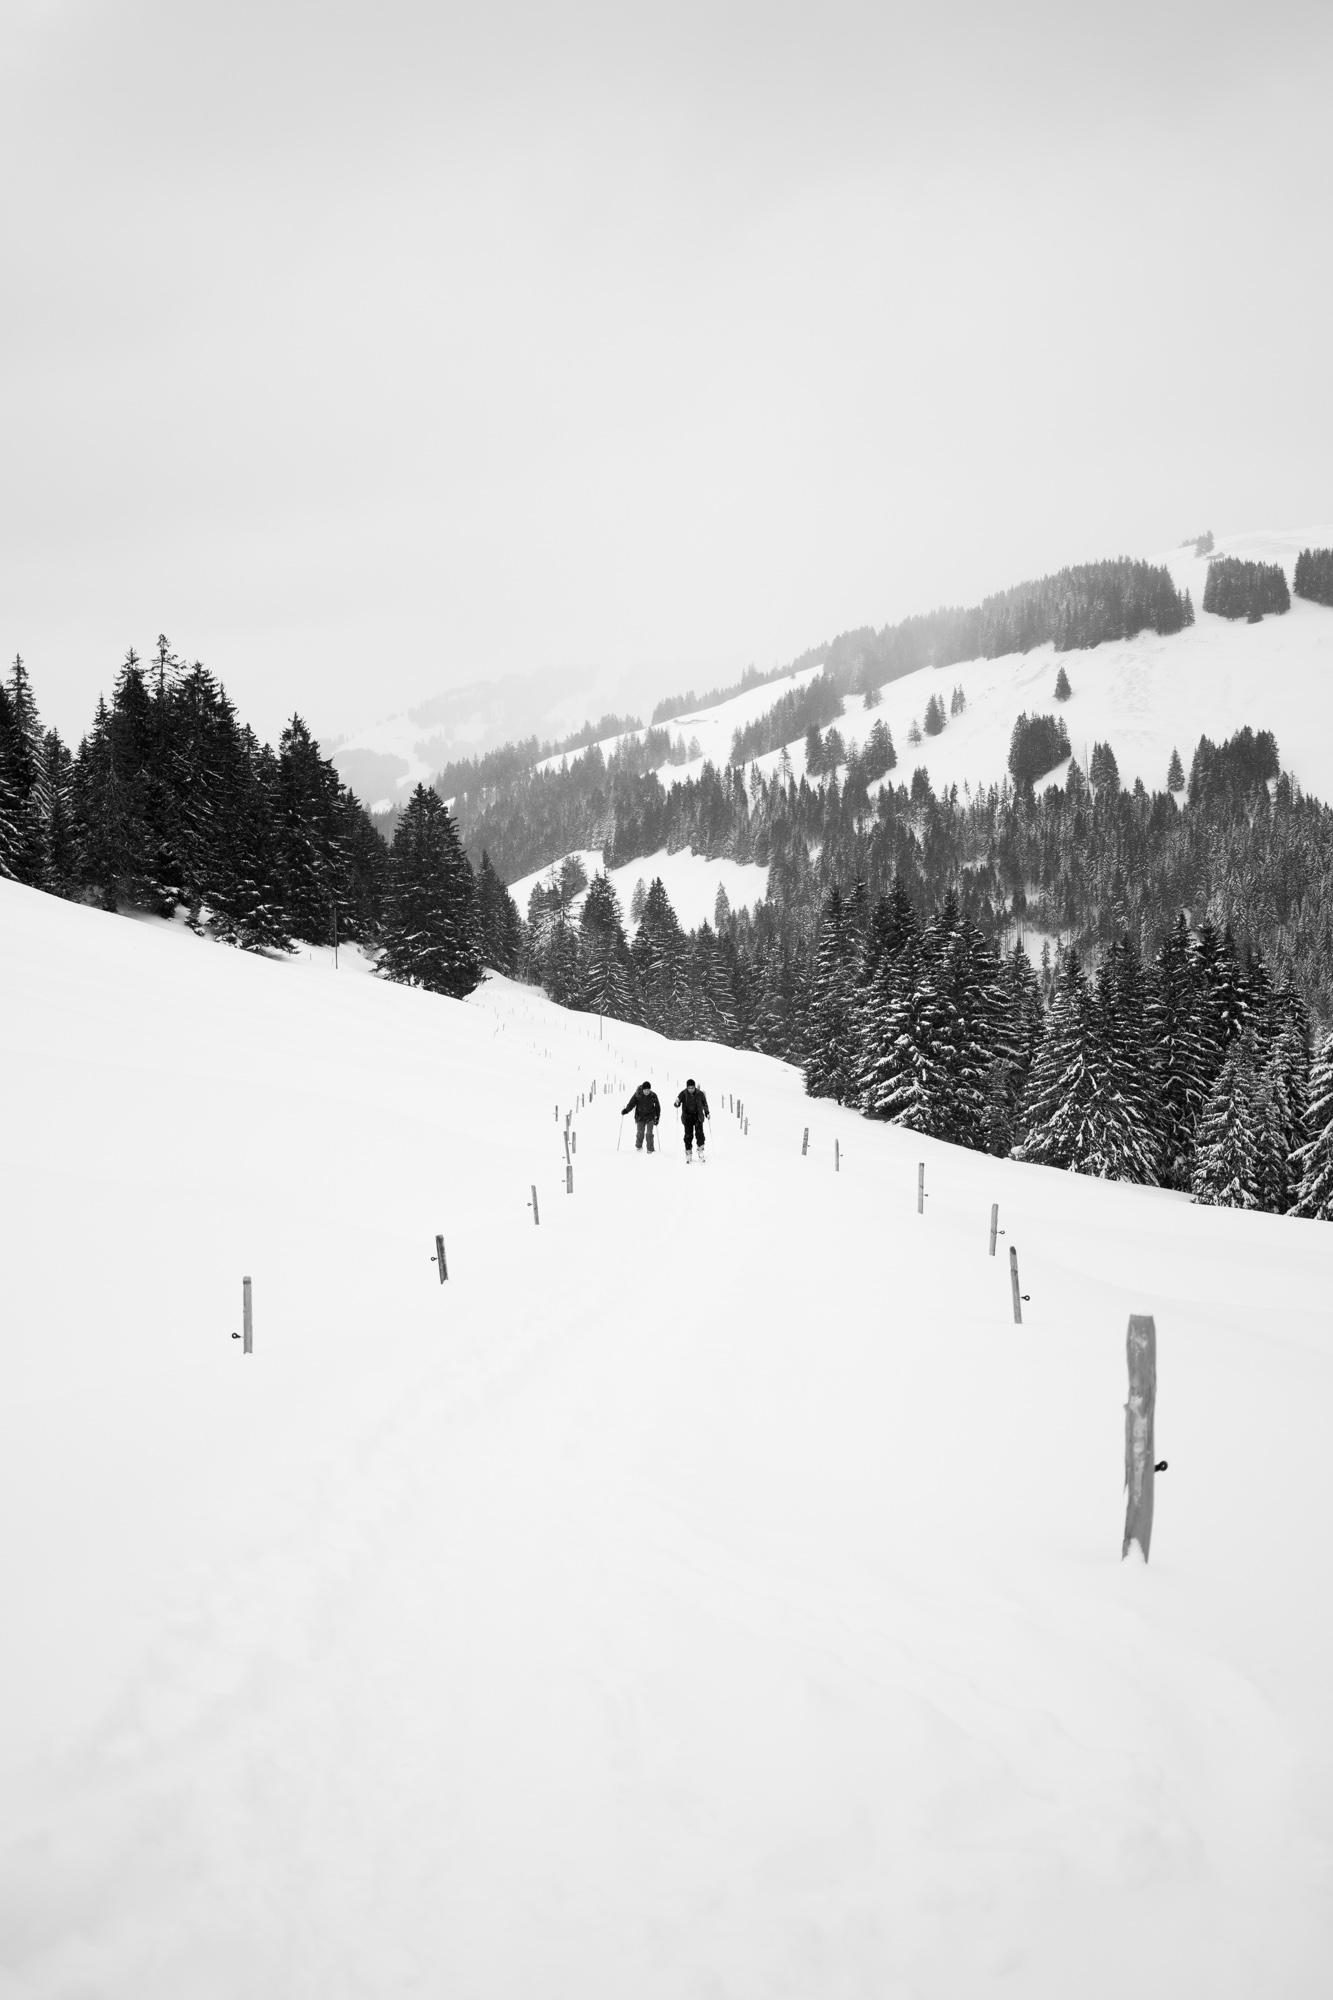 nouveau-monde-fribourg-suisse-photographe-pierre-yves-massot-6.jpg